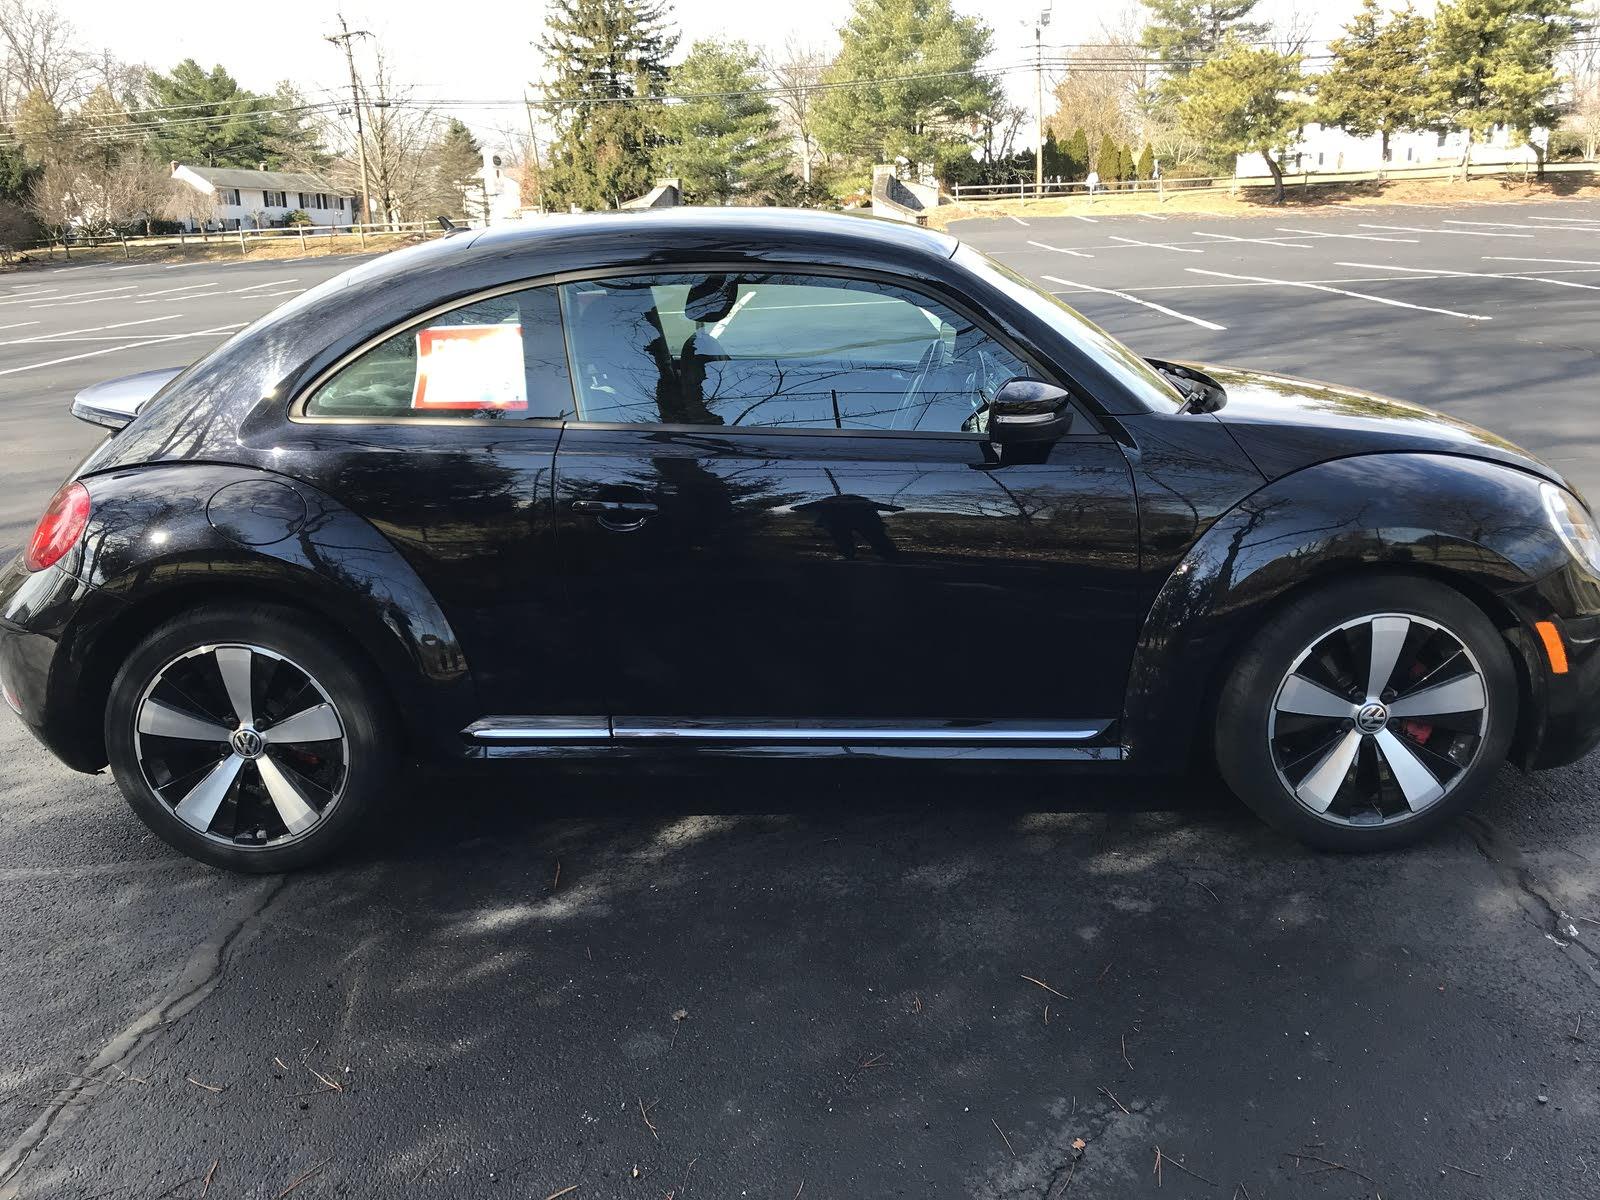 Volkswagen Beetle Questions - Financing